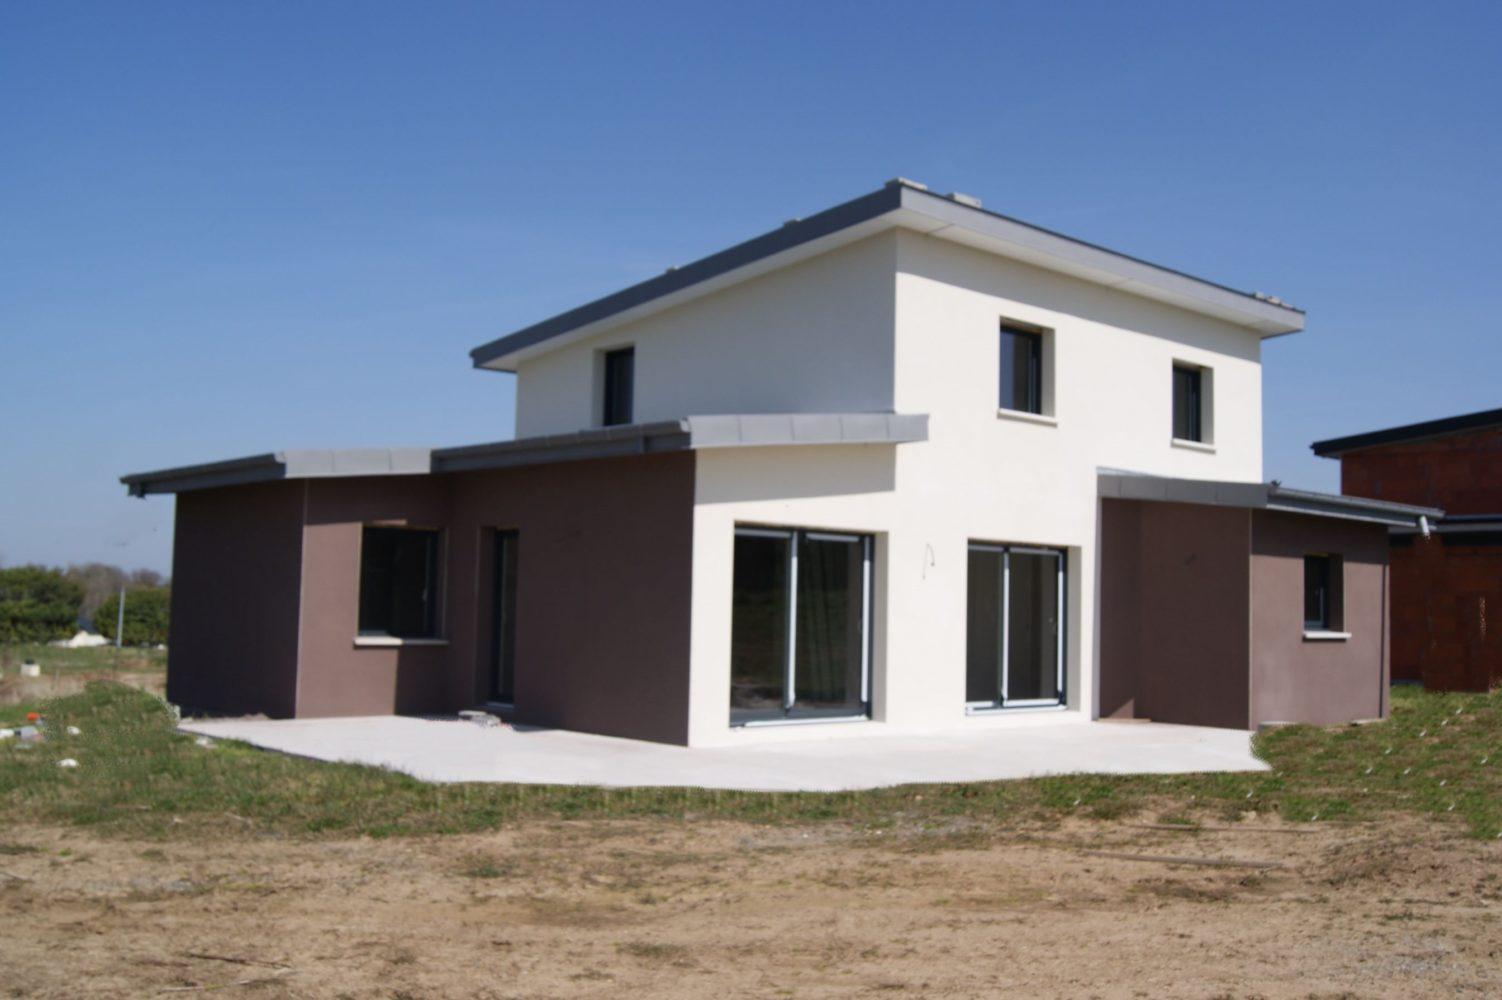 Construction-Maison-monopente-en-cours-de-finition-enduit-deux-tons-terrasse-en-béton-brut